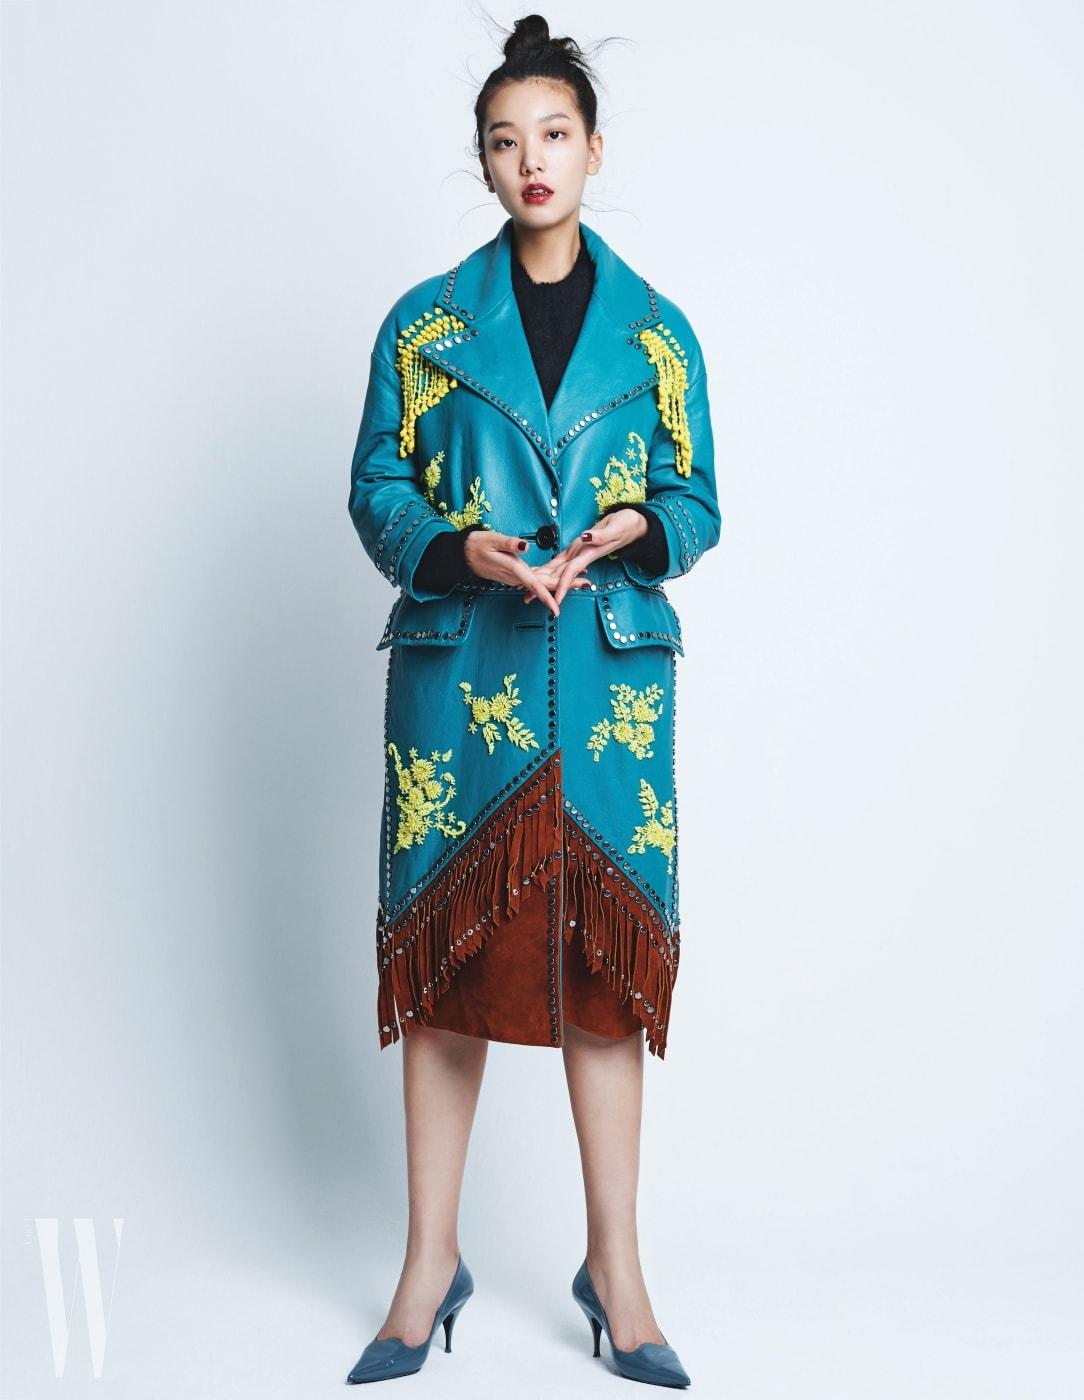 비즈와 스틸이 장식된 가죽 코트와 검은색 니트 톱은 프라다 제품. 페이턴트 가죽 스틸레토 힐은 셀린 제품.